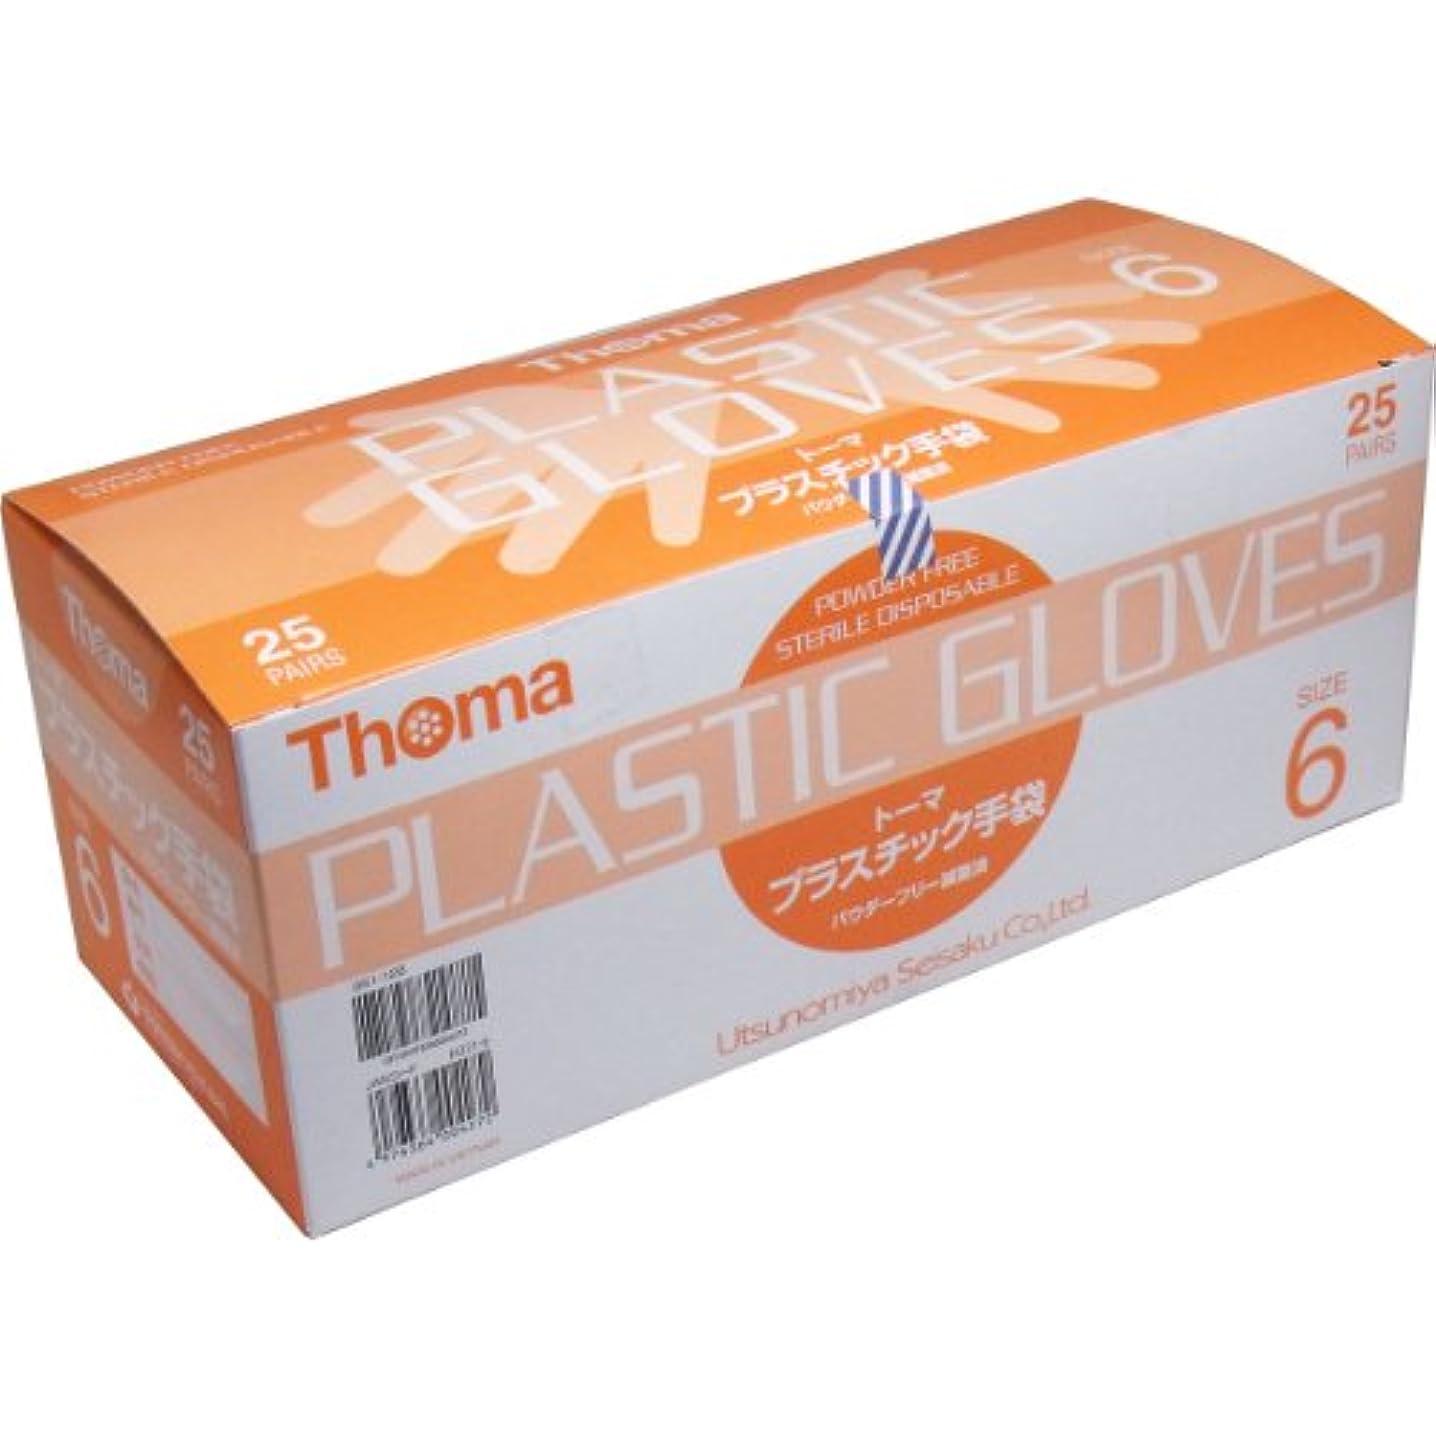 トーマ プラスチック手袋 パウダーフリー 滅菌済 サイズ6 25双入